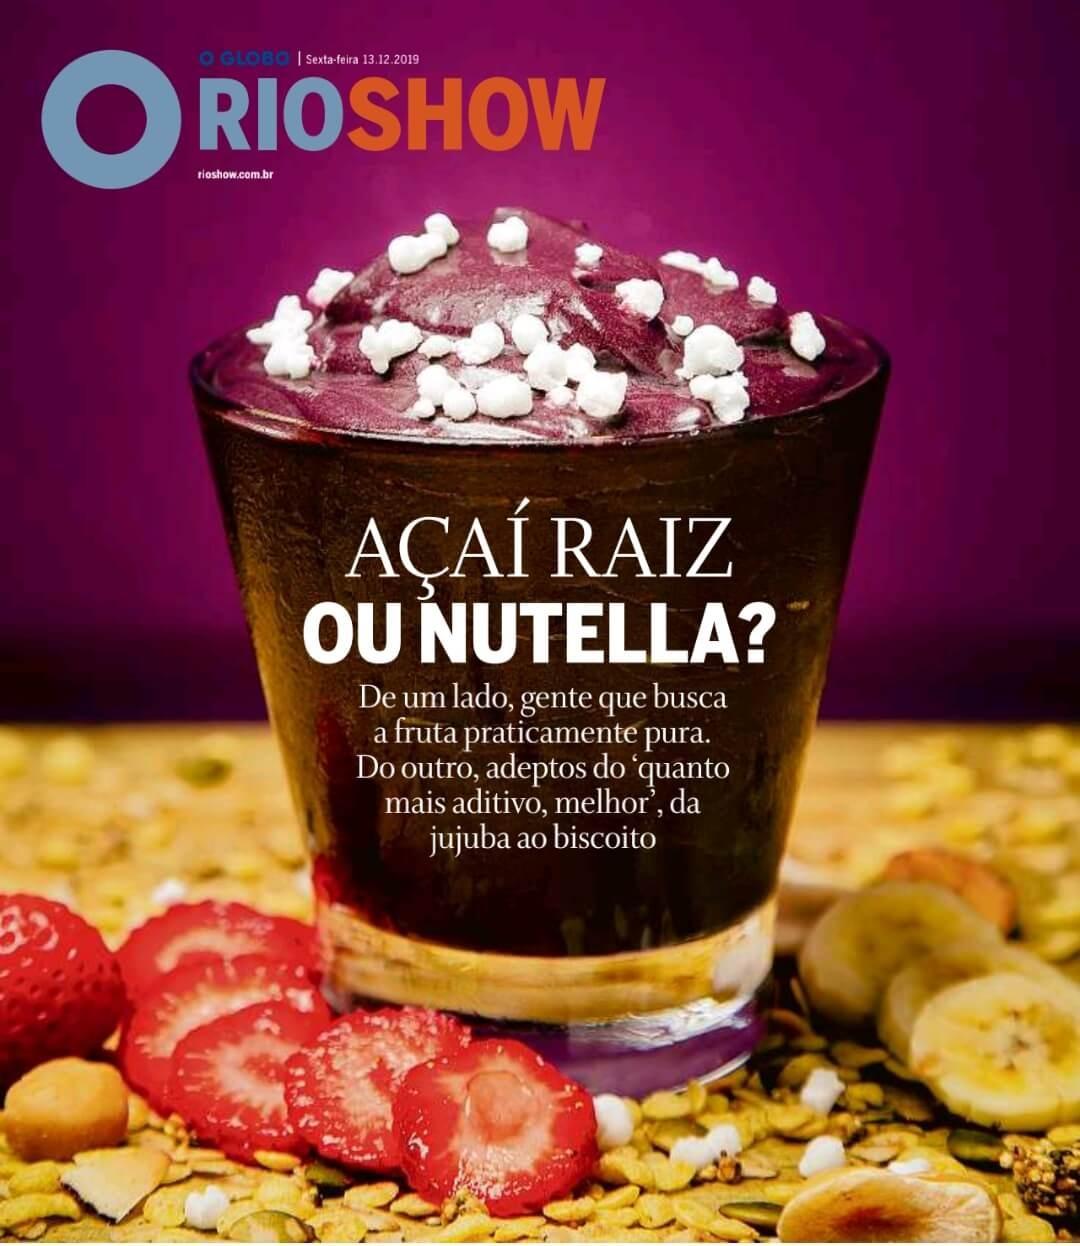 ASA Açaí na capa da RioShow O Globo